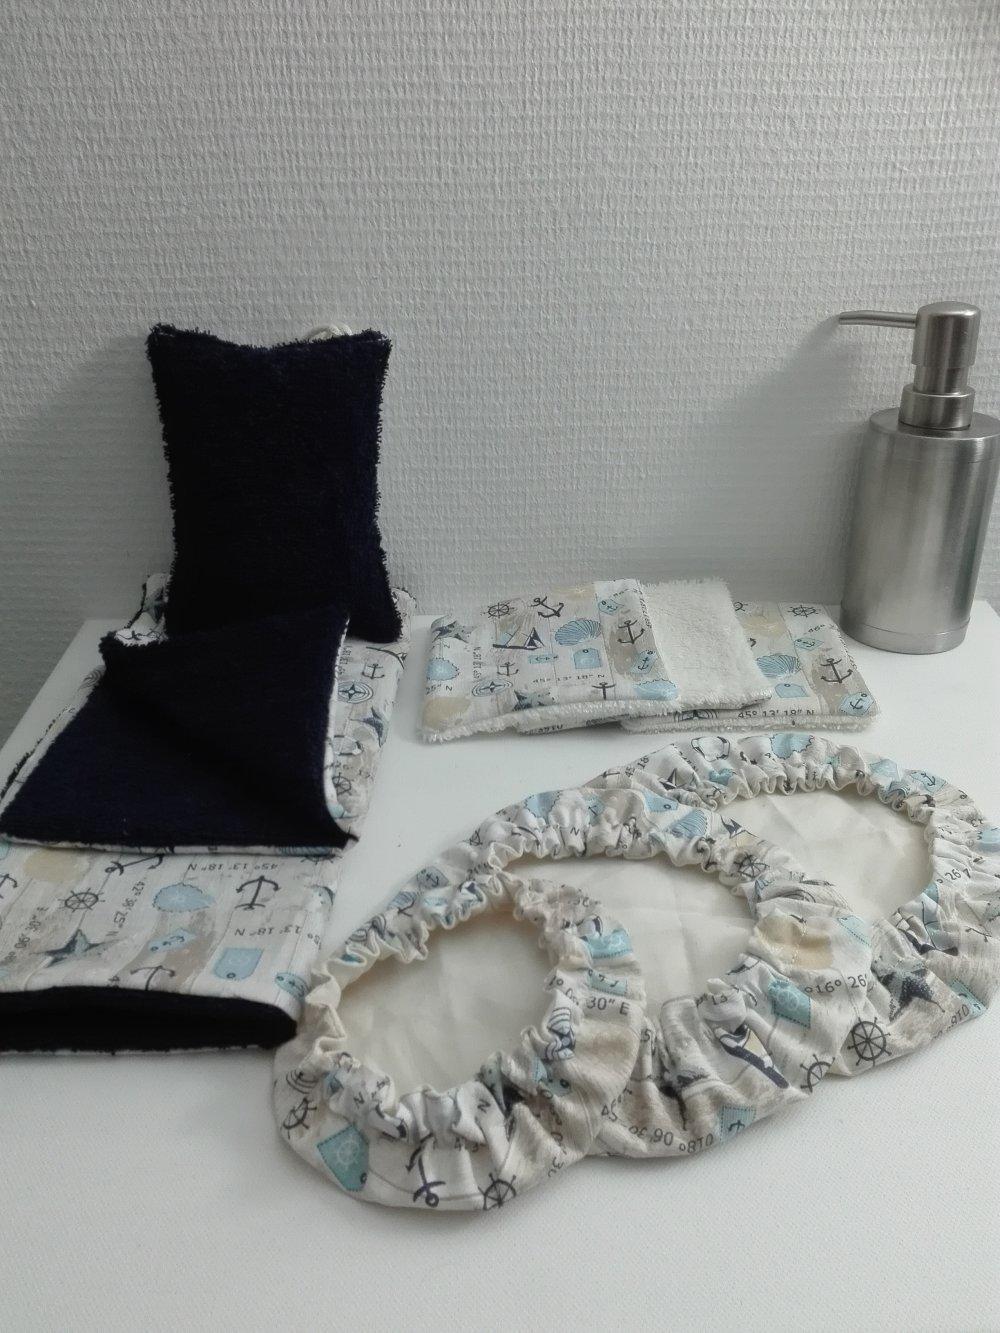 VENDU box Zéro déchets ensemble découverte réutilisable lavable Idée cadeau pour noël